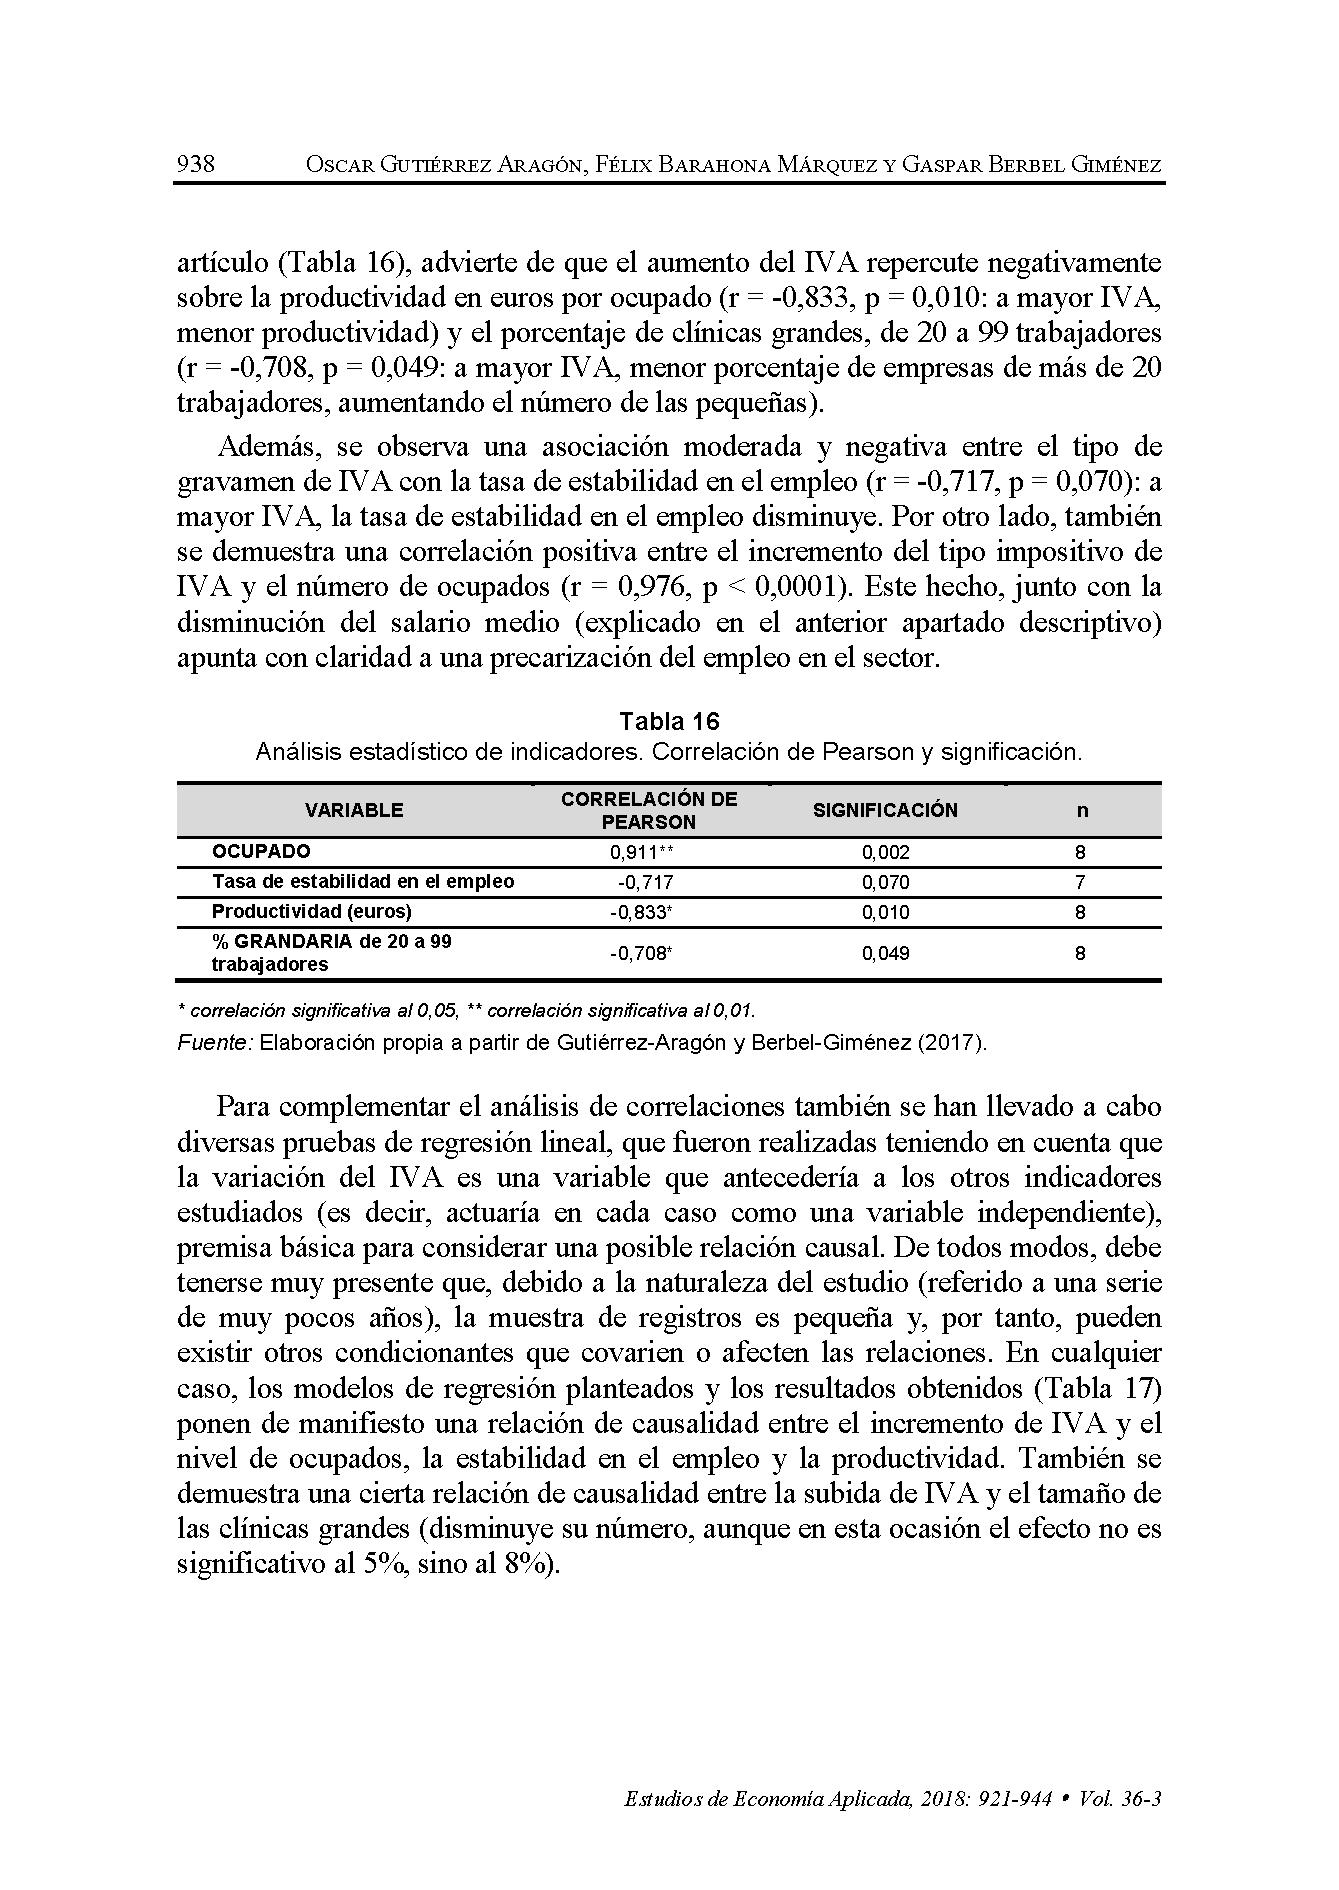 Efectos incremento IVA sobre condiciones laborales sector veterinario (EEA)_Página_18